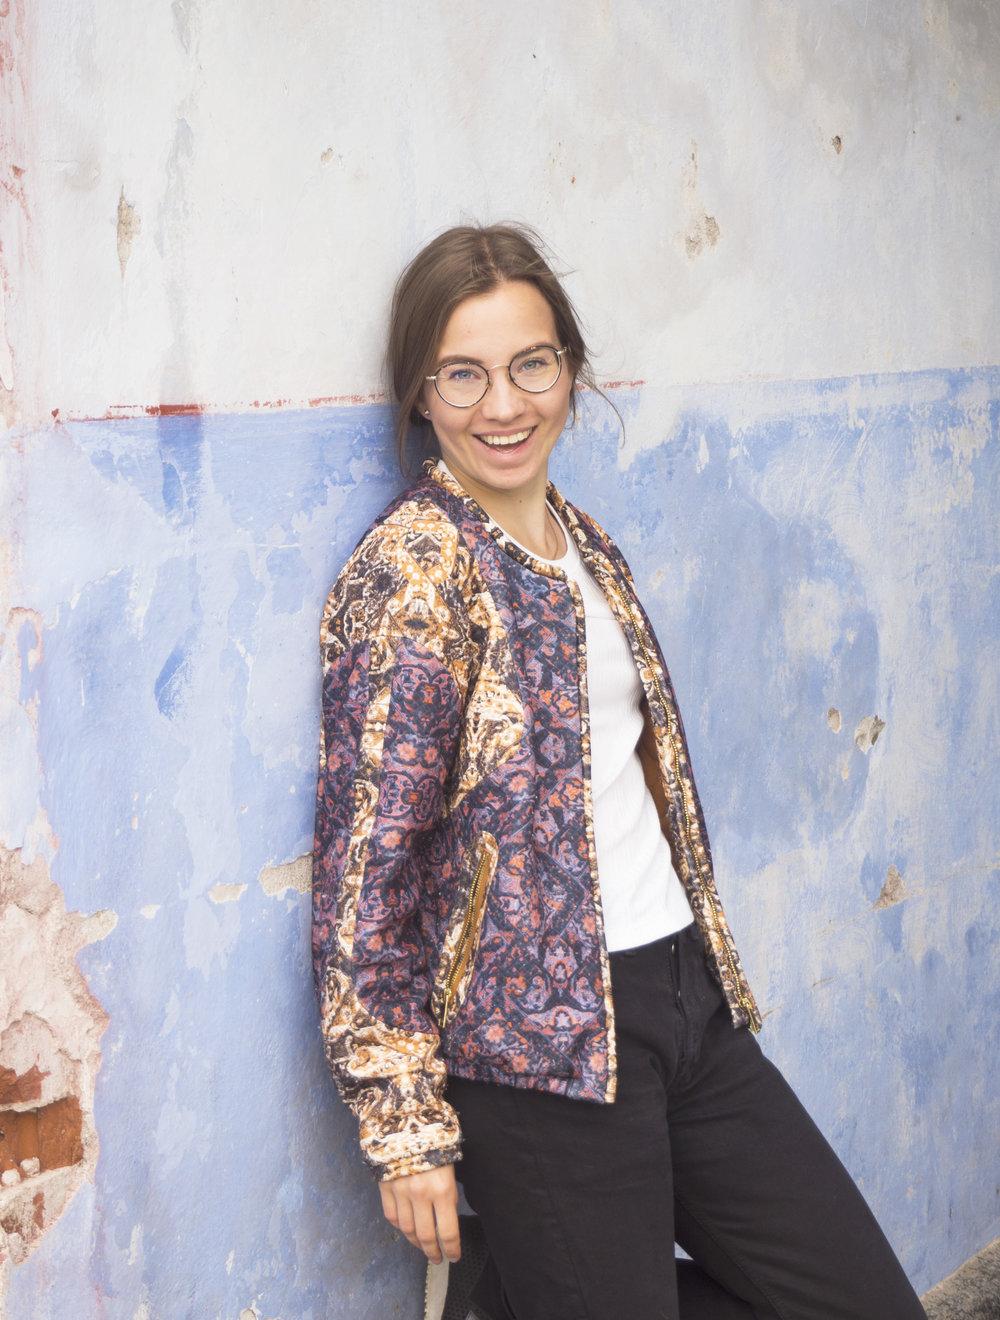 Pauliina Skarr on graafinen suunnittelija ja kuvittaja joka pohtii luonnonläheistä ja aitoa elämää estetiikan, kokkailun ja retkeilyn kautta.